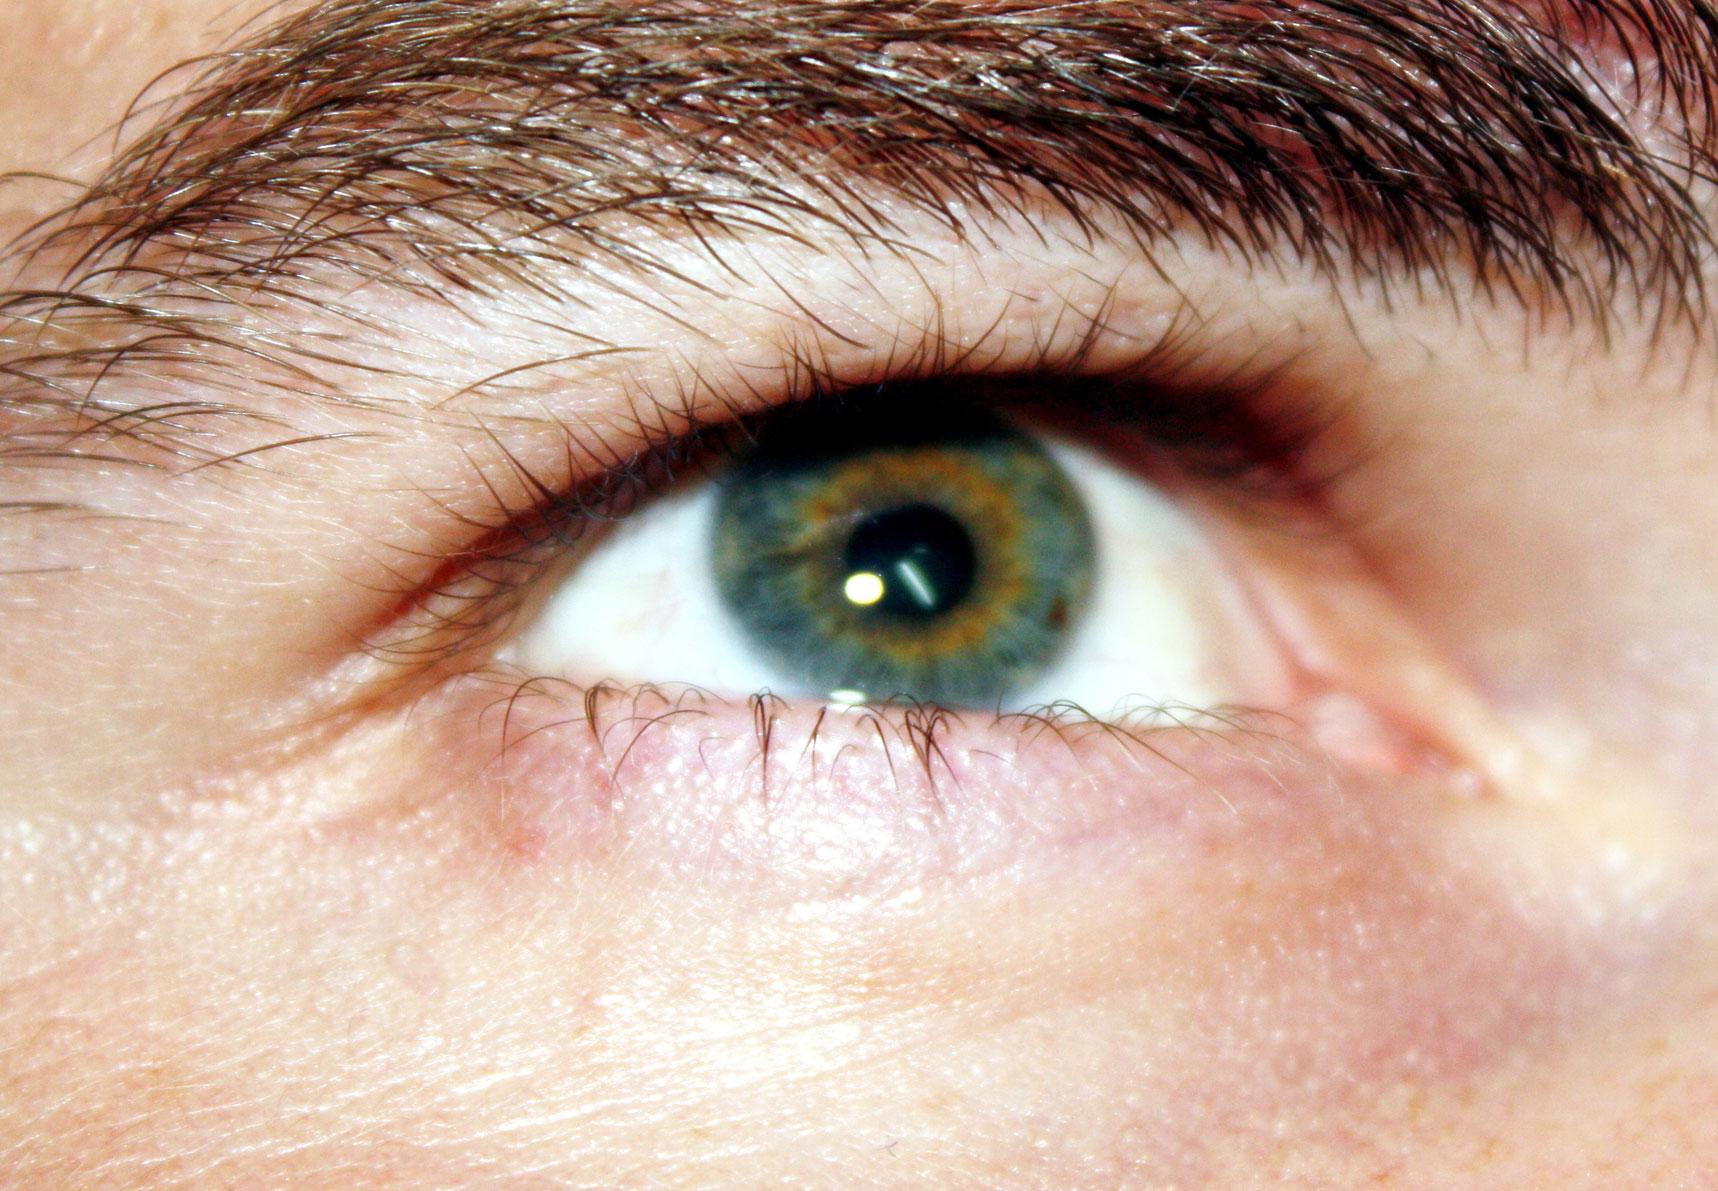 az ételt javító látás amelytől a látás gyorsan romlik